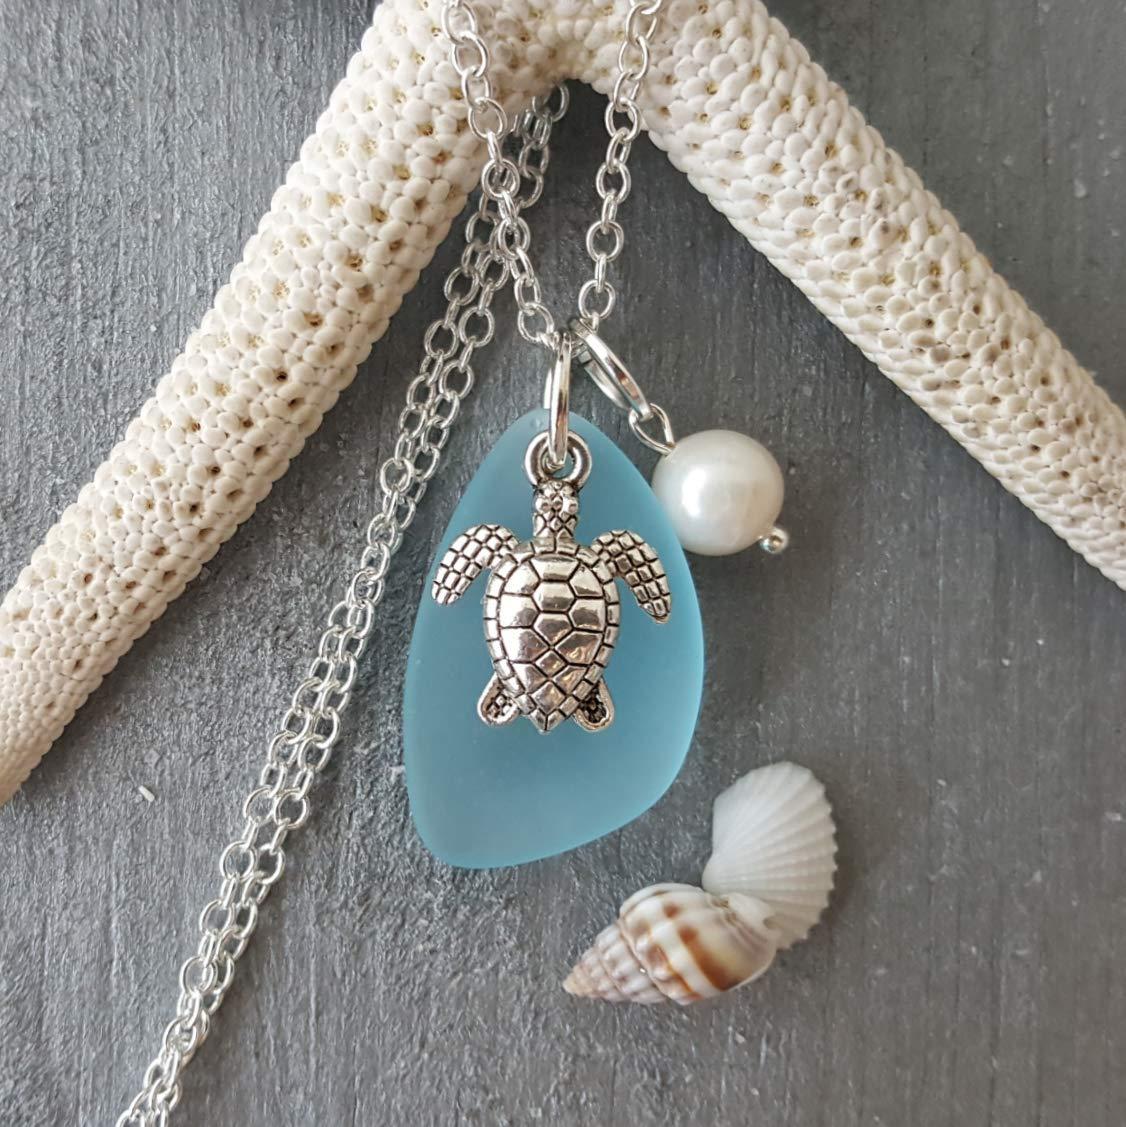 Hecho a mano en Hawai, Turquoise Bay collar de cristal azul del mar, el encanto de las tortugas marinas, perlas de agua dulce,